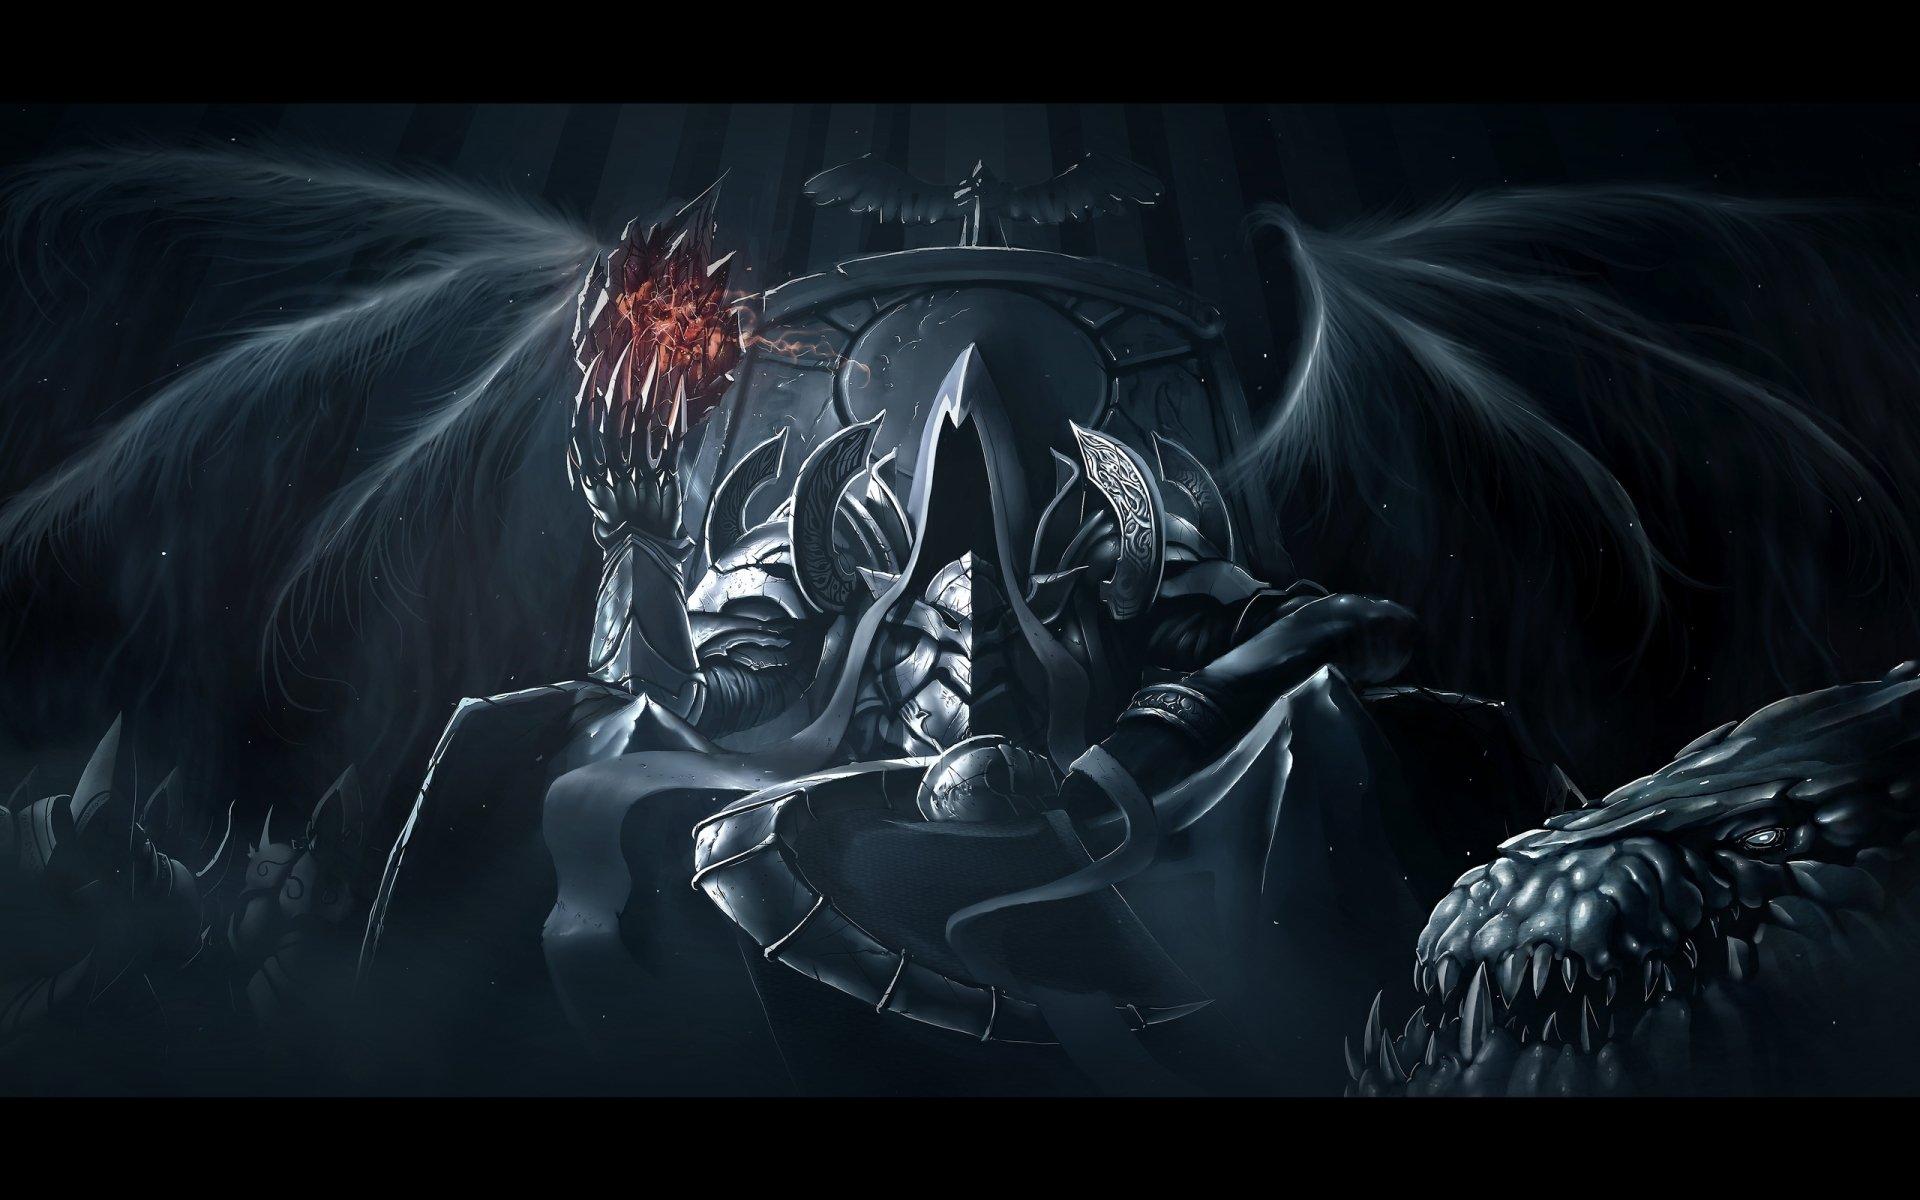 Diablo 3 Reaper Of Souls Wallpapers: Diablo III: Reaper Of Souls Full HD Wallpaper And